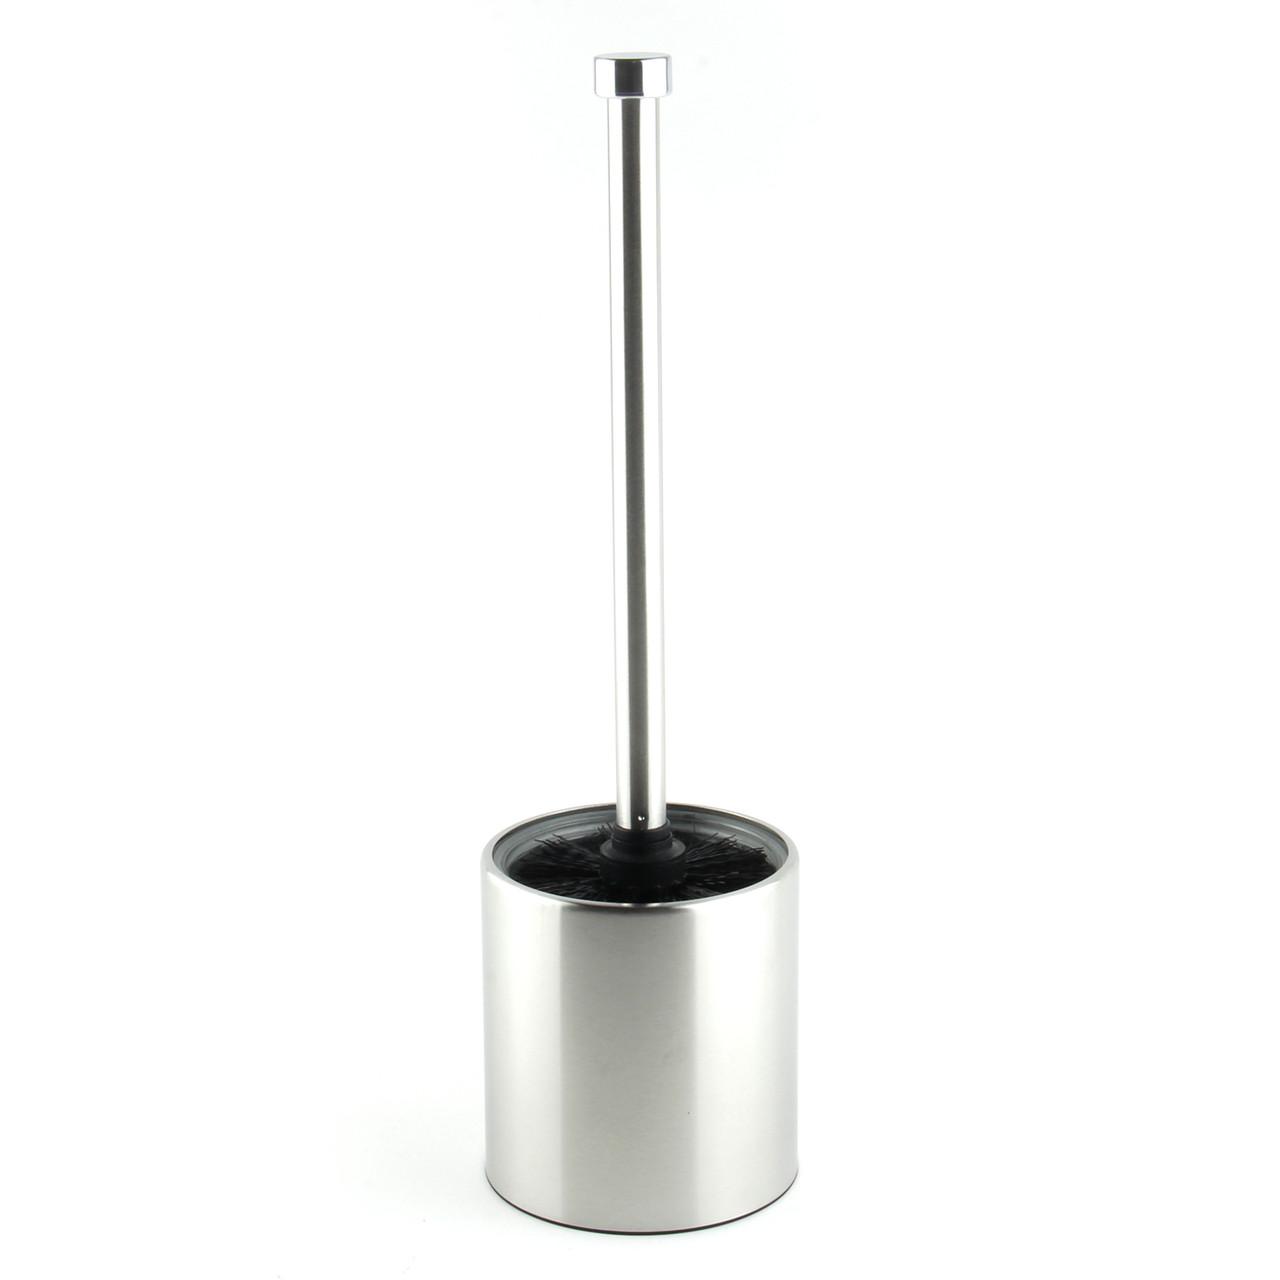 Ершик металлический напольный для унитаза TBR003 (хром)